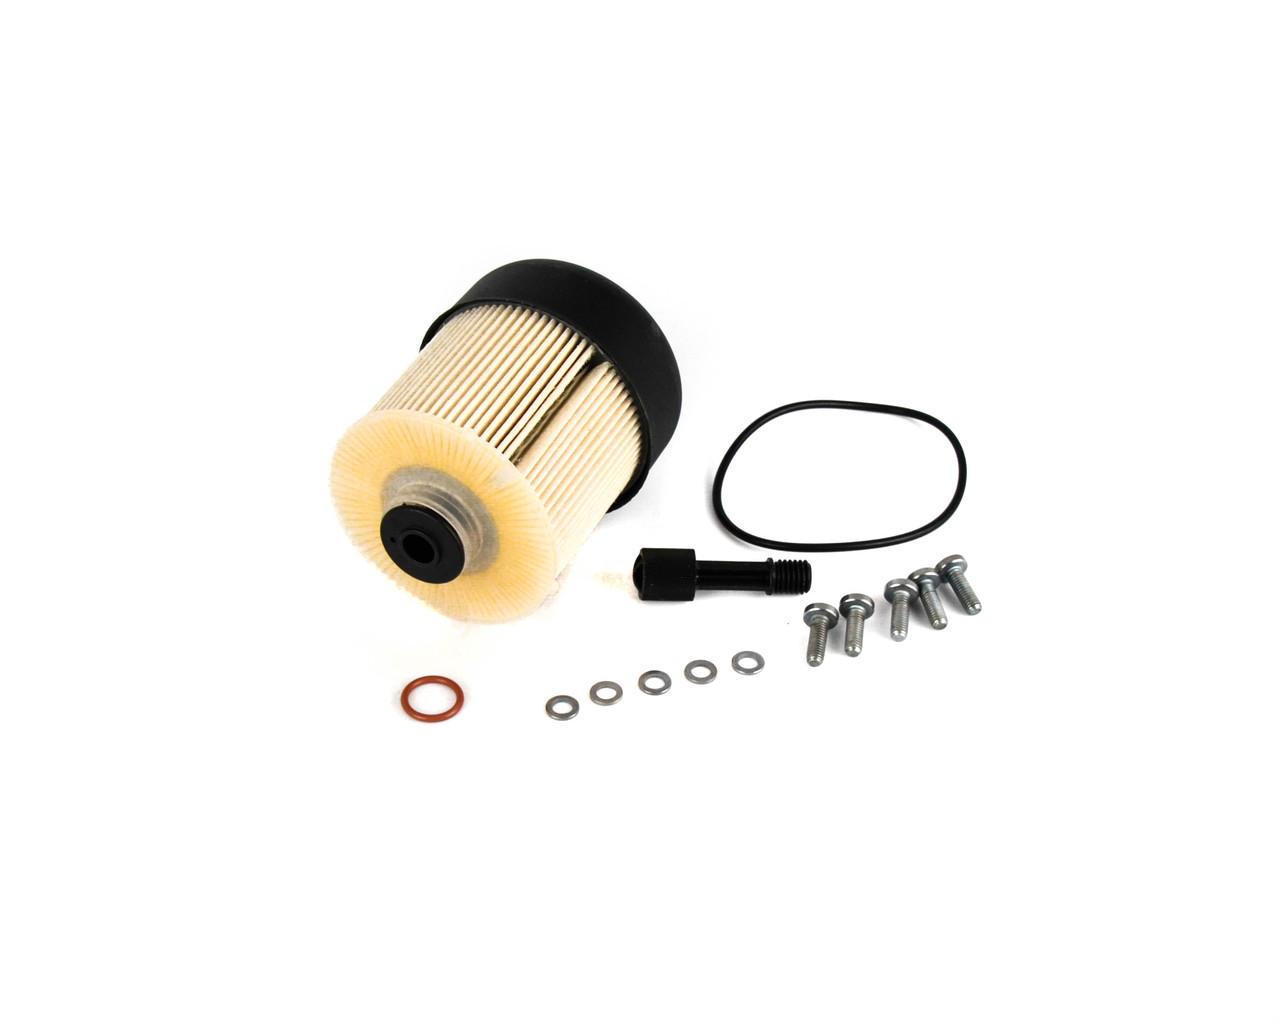 Топливный фильтр на  Renault Dokker 2012-> 1.5dCi, Knecht (Германия) —  KX 338/26D